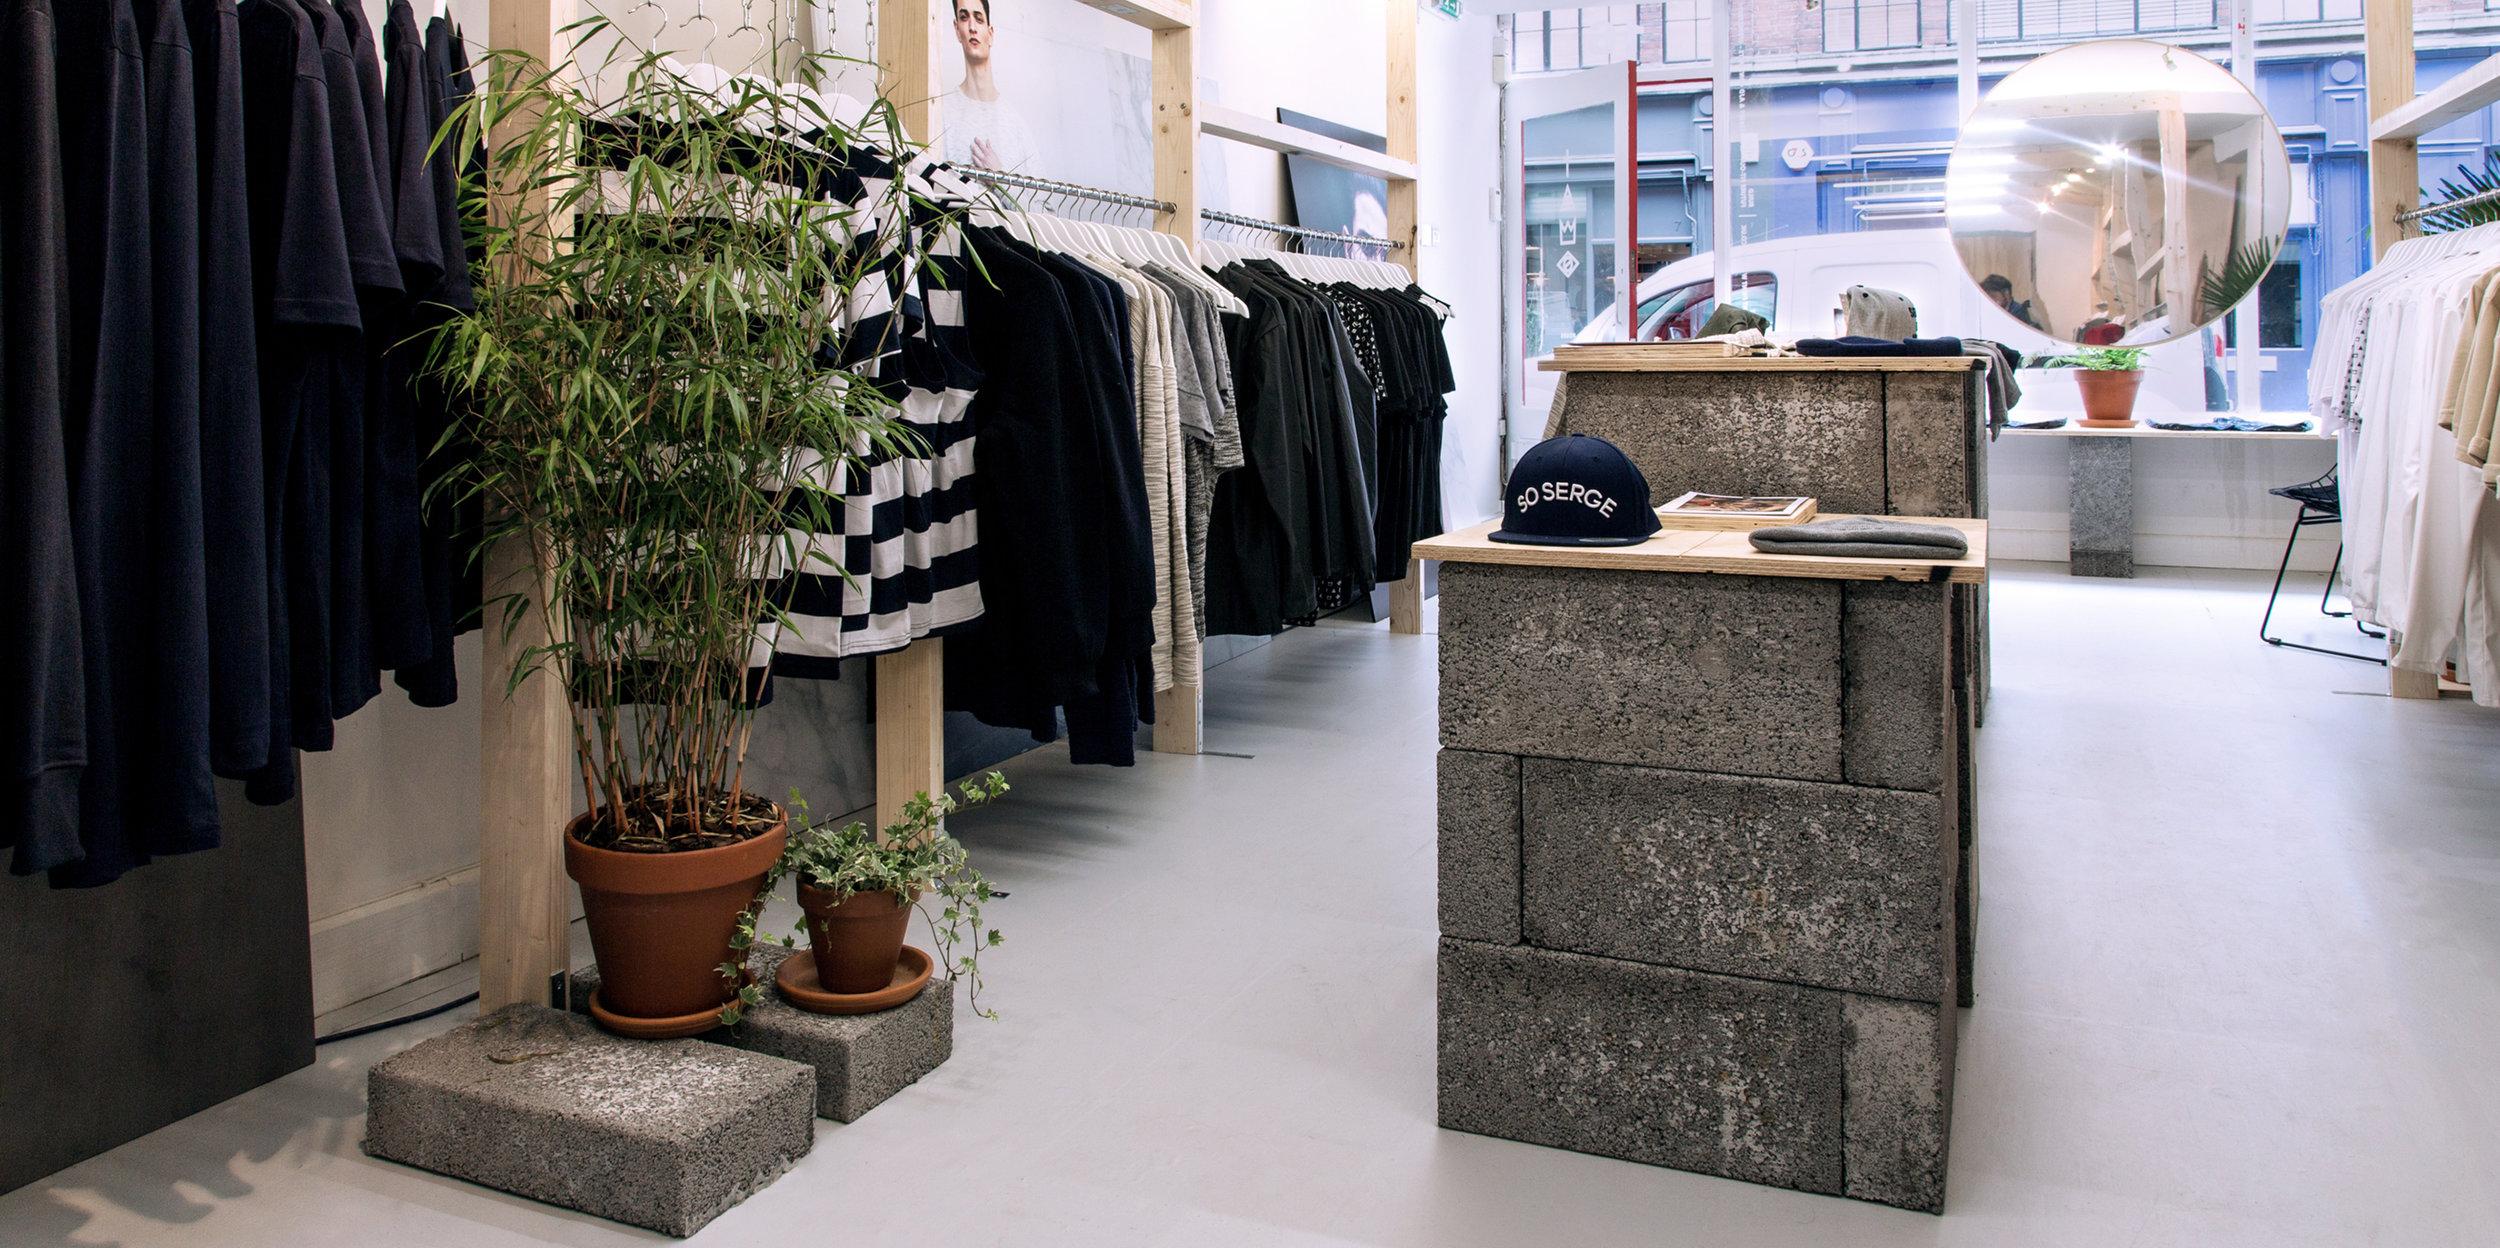 andthenstudio_interiors_sergedenimes7.jpg